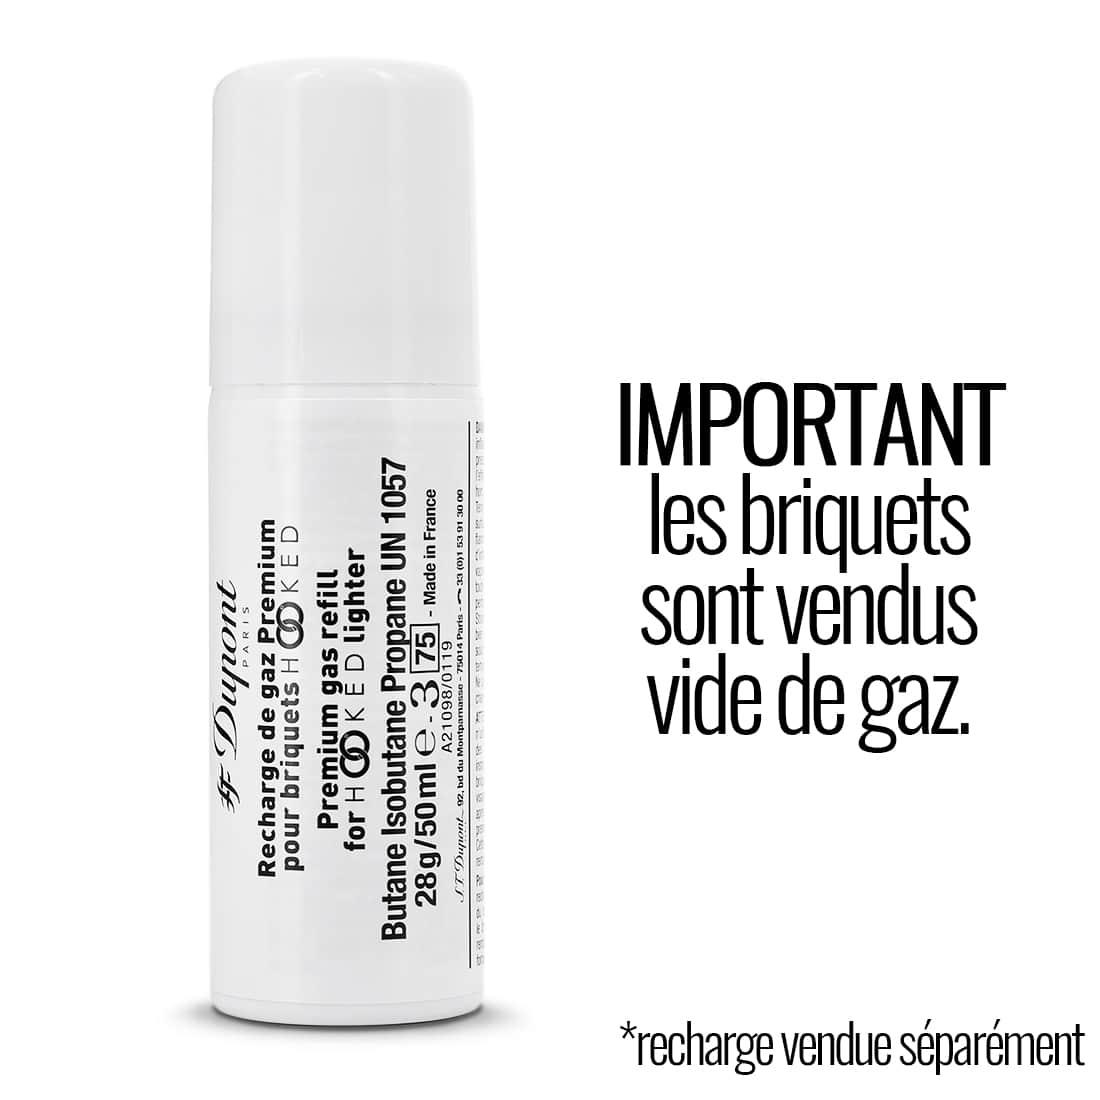 Photo #4 de Briquet S.T. Dupont Hooked As de Pique